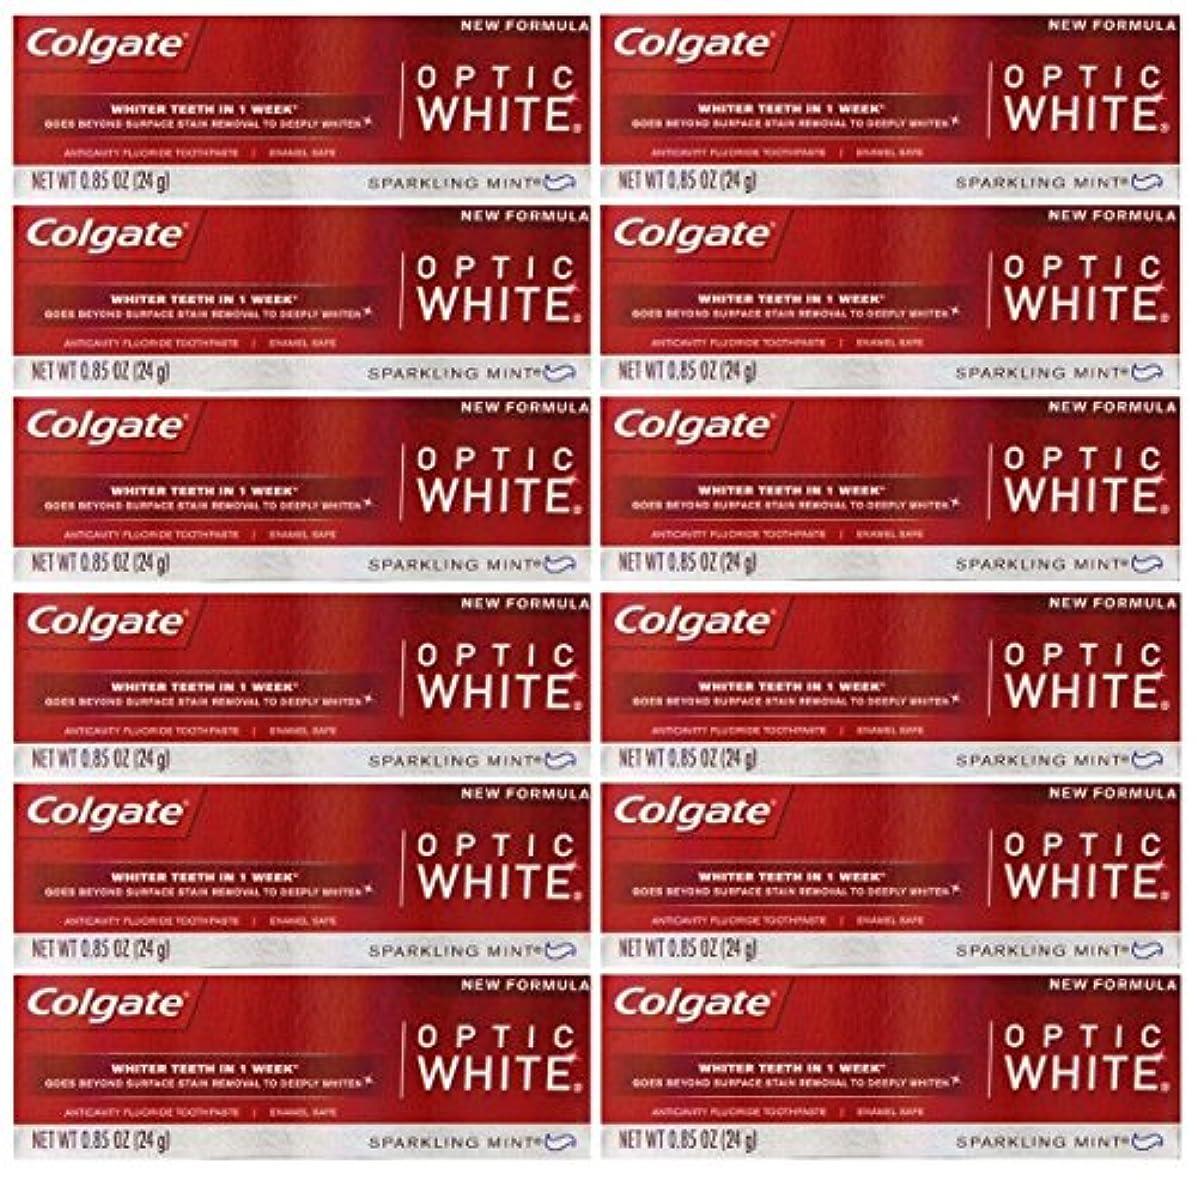 一握り栄光のめったにColgate 12パック - ハミガキ、スパークリングホワイト、スパークリングミント、トラベルサイズ0.85オンスホワイトニングオプティックホワイト歯